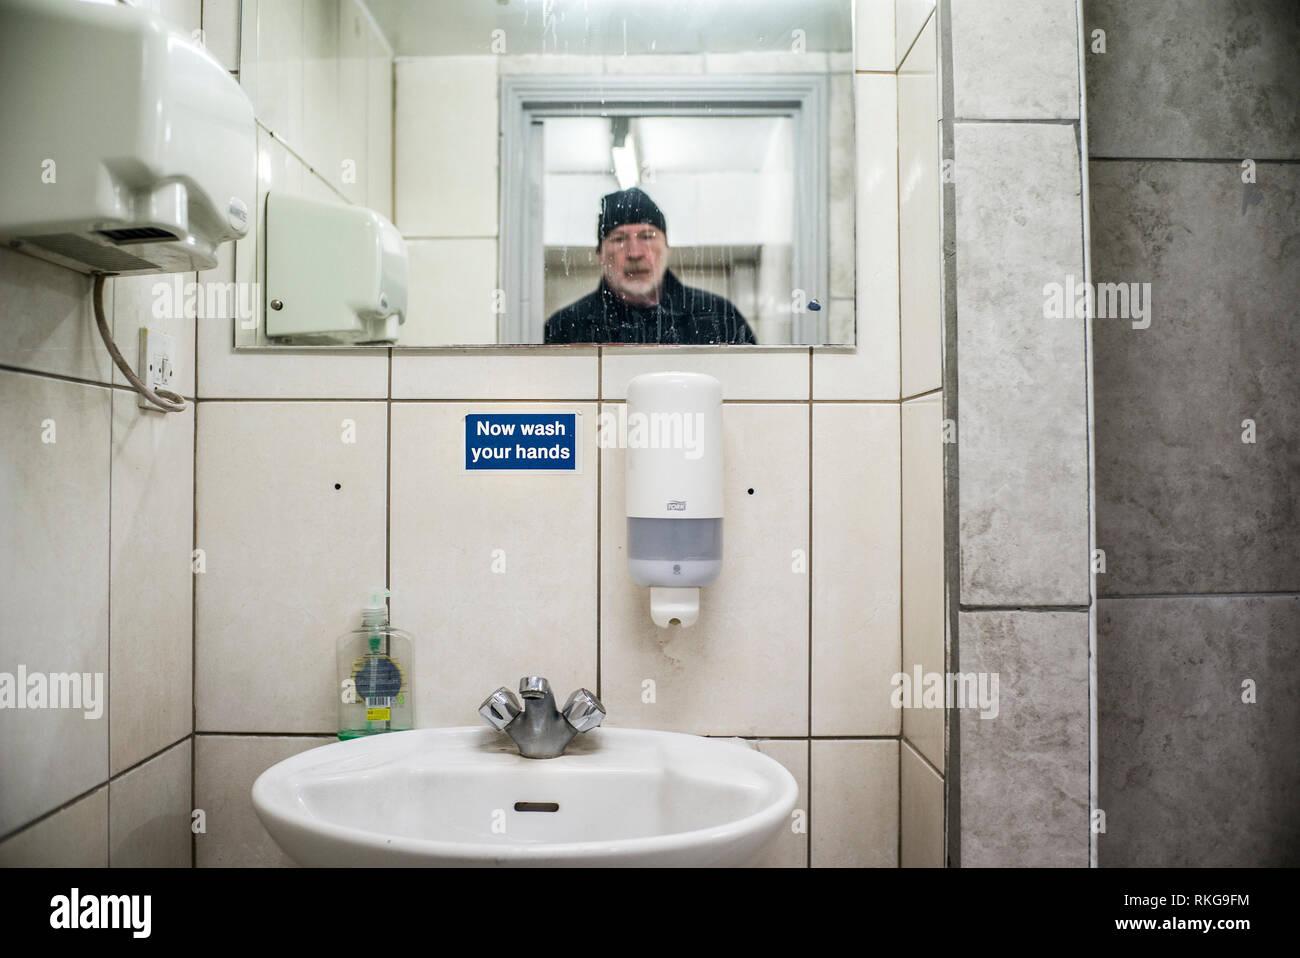 Uomo Barbuto in specchio, lavarsi subito le mani segno, wc pubblico,dell'essiccatore della mano, dosatore per sapone liquido, Immagini Stock